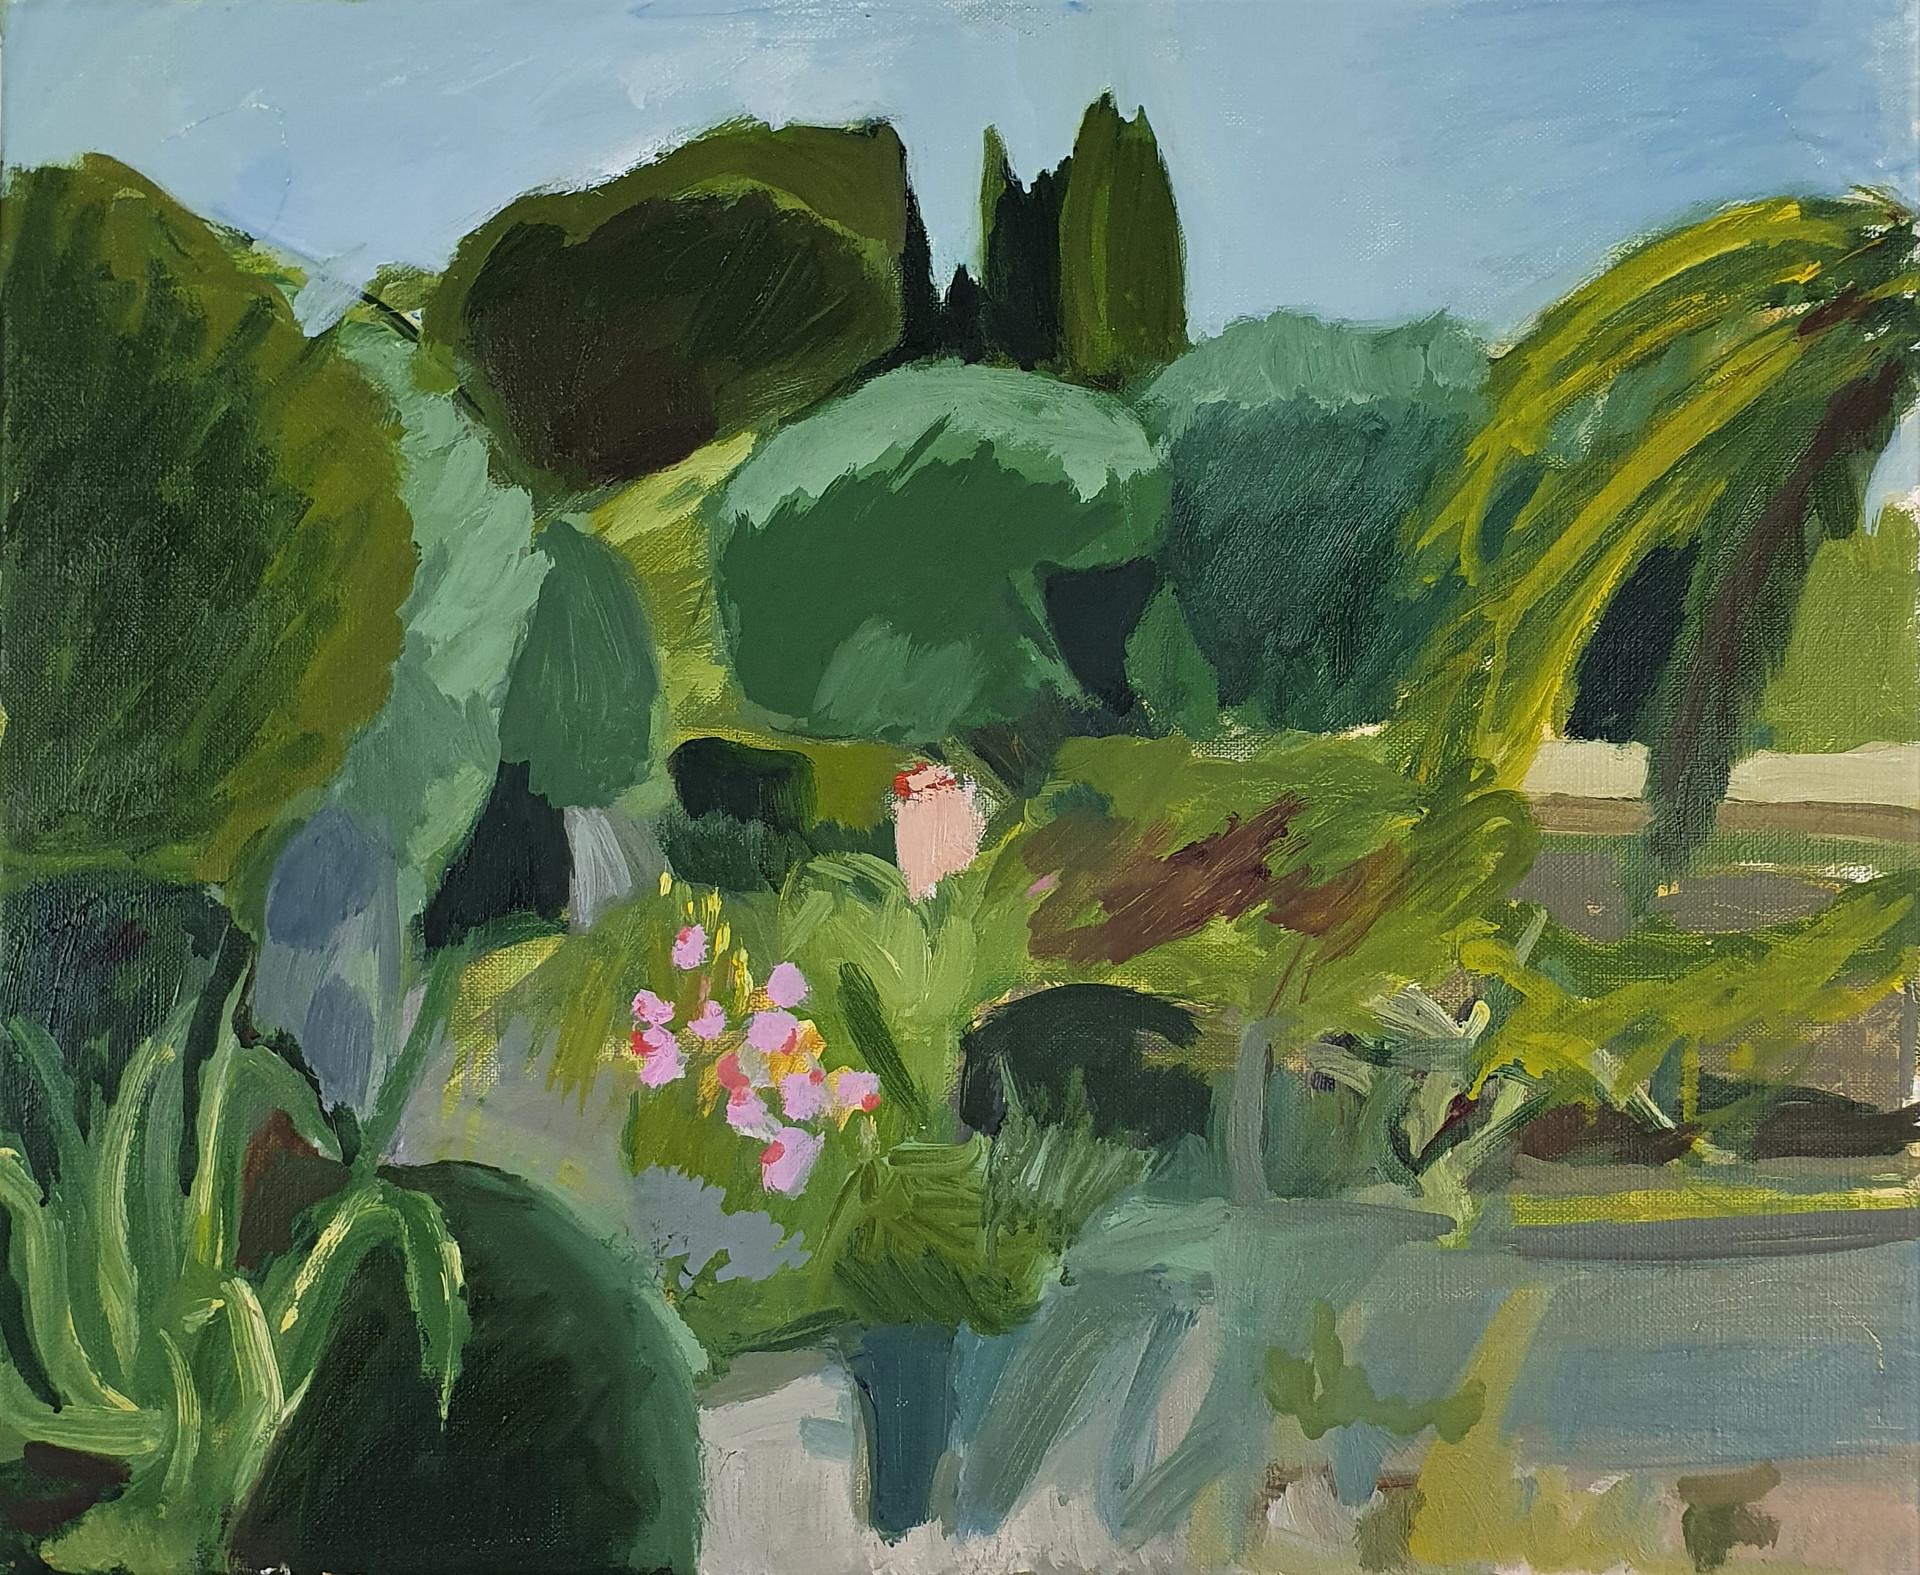 50. Matisse's Garden